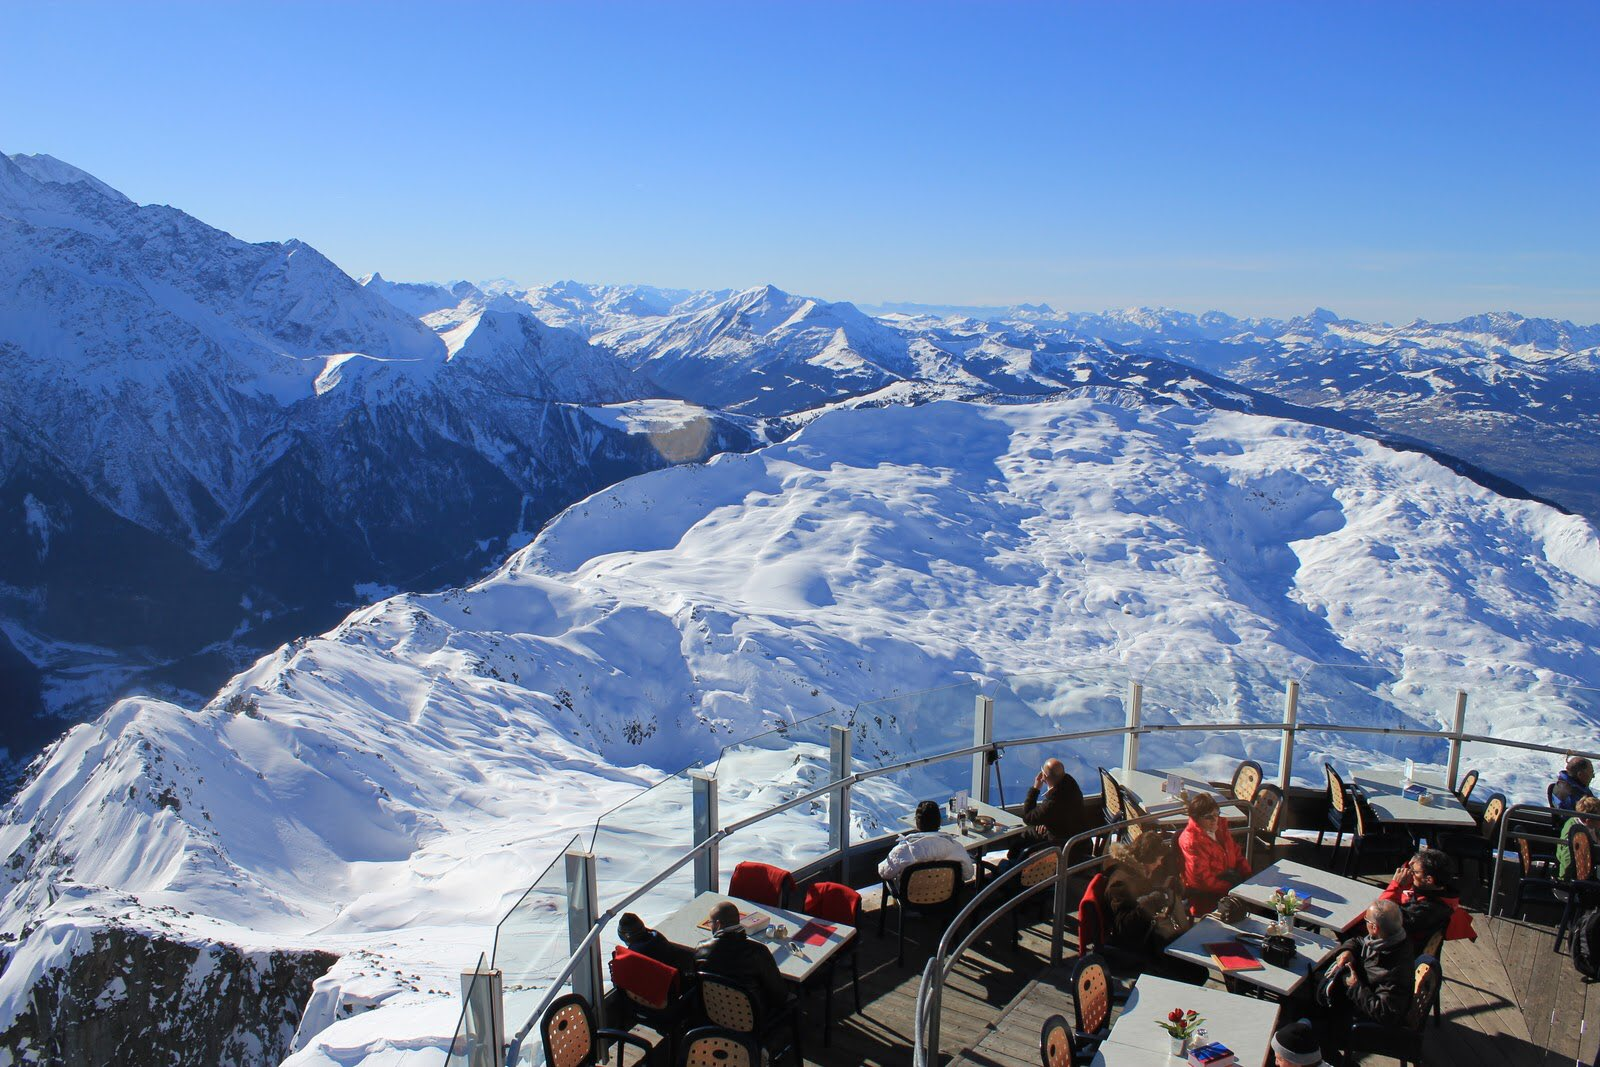 مطعم Le Panoramic في مرتفعات شامونيه في جبال الألب الفرنسية على ارتفاع 3000 متر فوق سطح البحر منظر يحبس الأنفاس لجماله ' #فرنسا #ثقف_نفسك https://t.co/e5O8Z5raLN